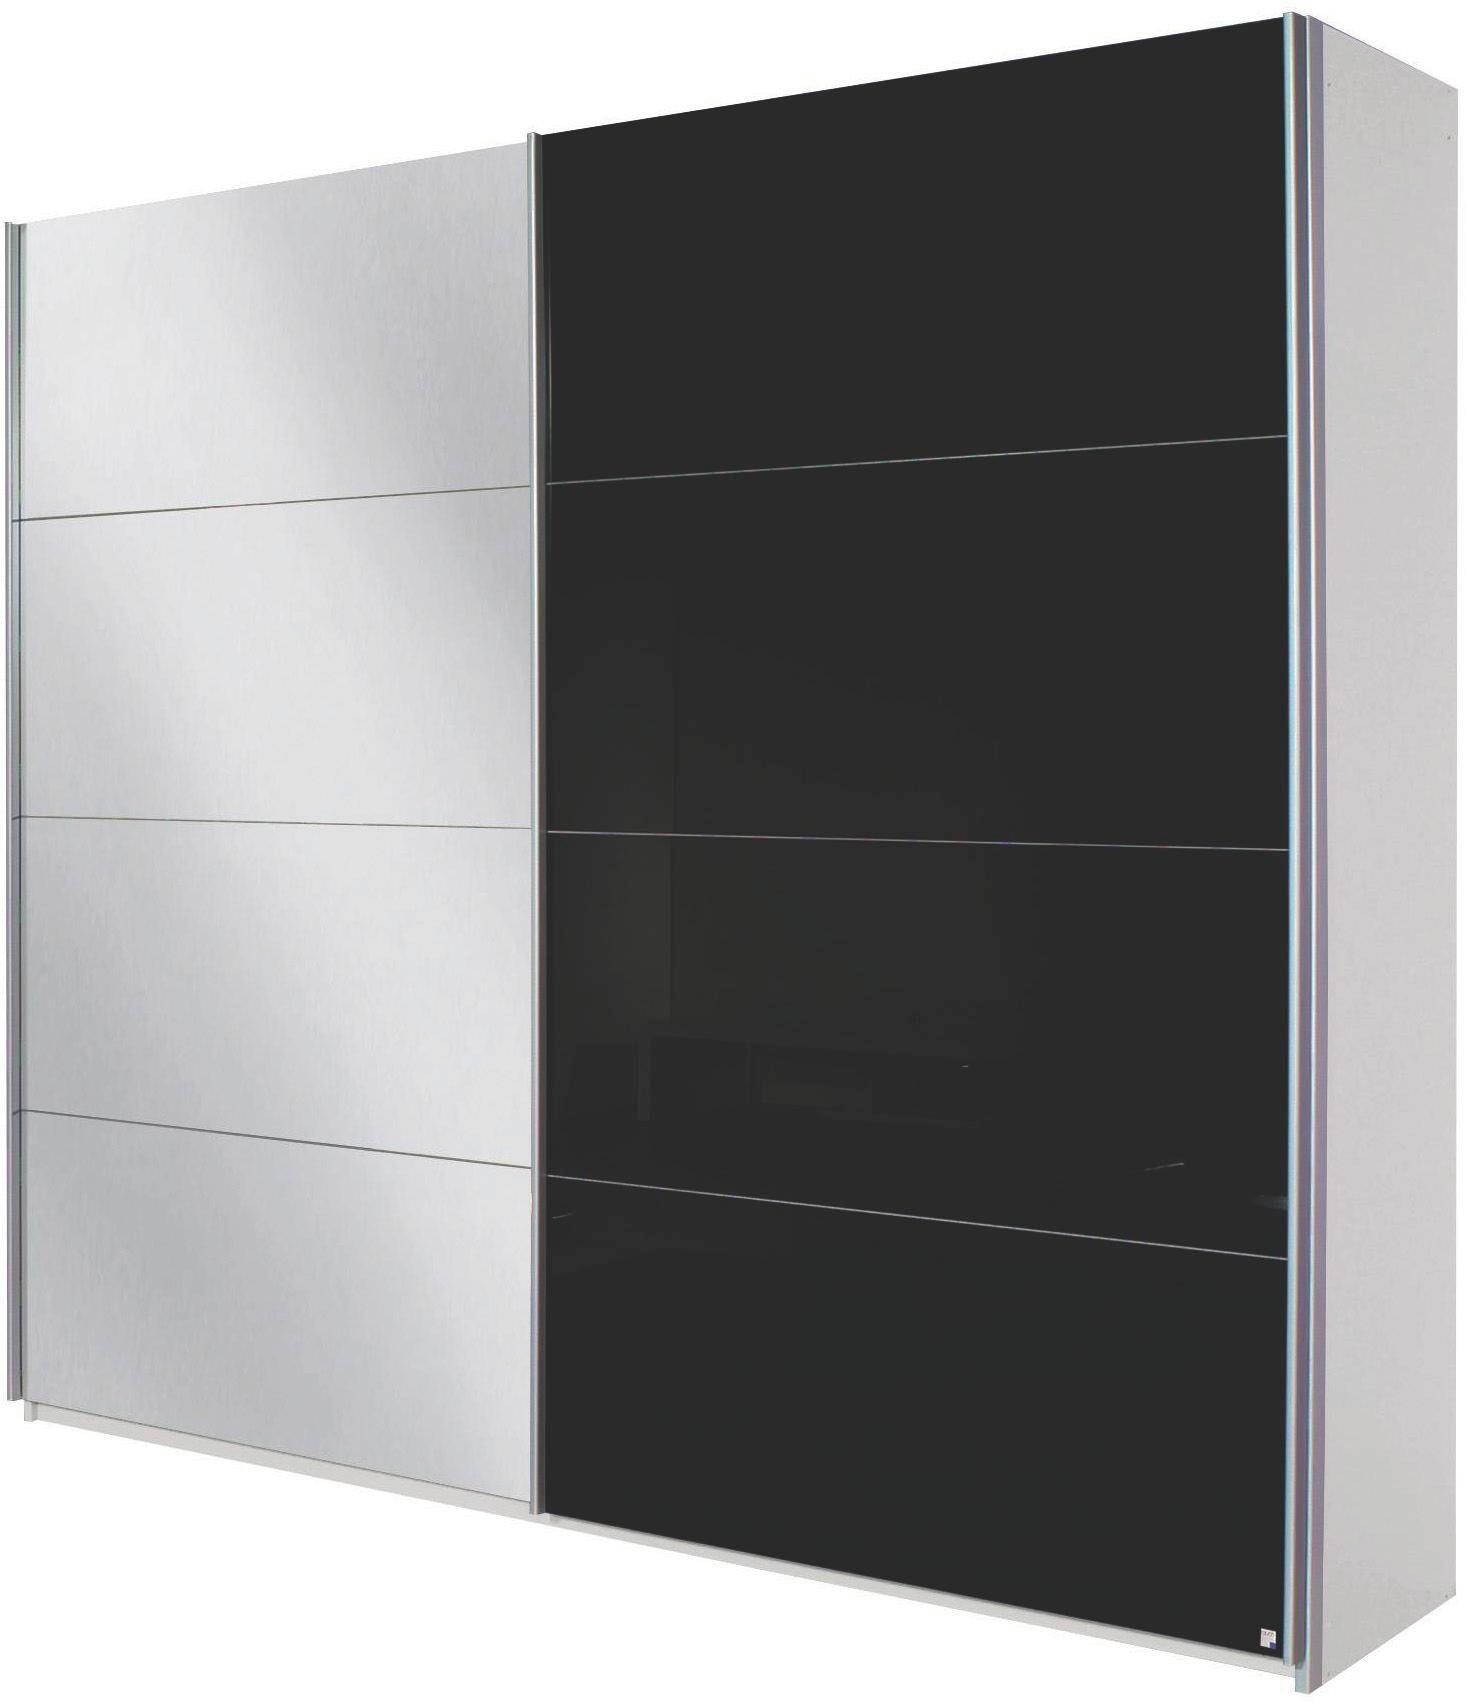 Mömax Badezimmer Schrank: Schwebetürenschrank Weiß/Schwarz Online Kaufen Mömax